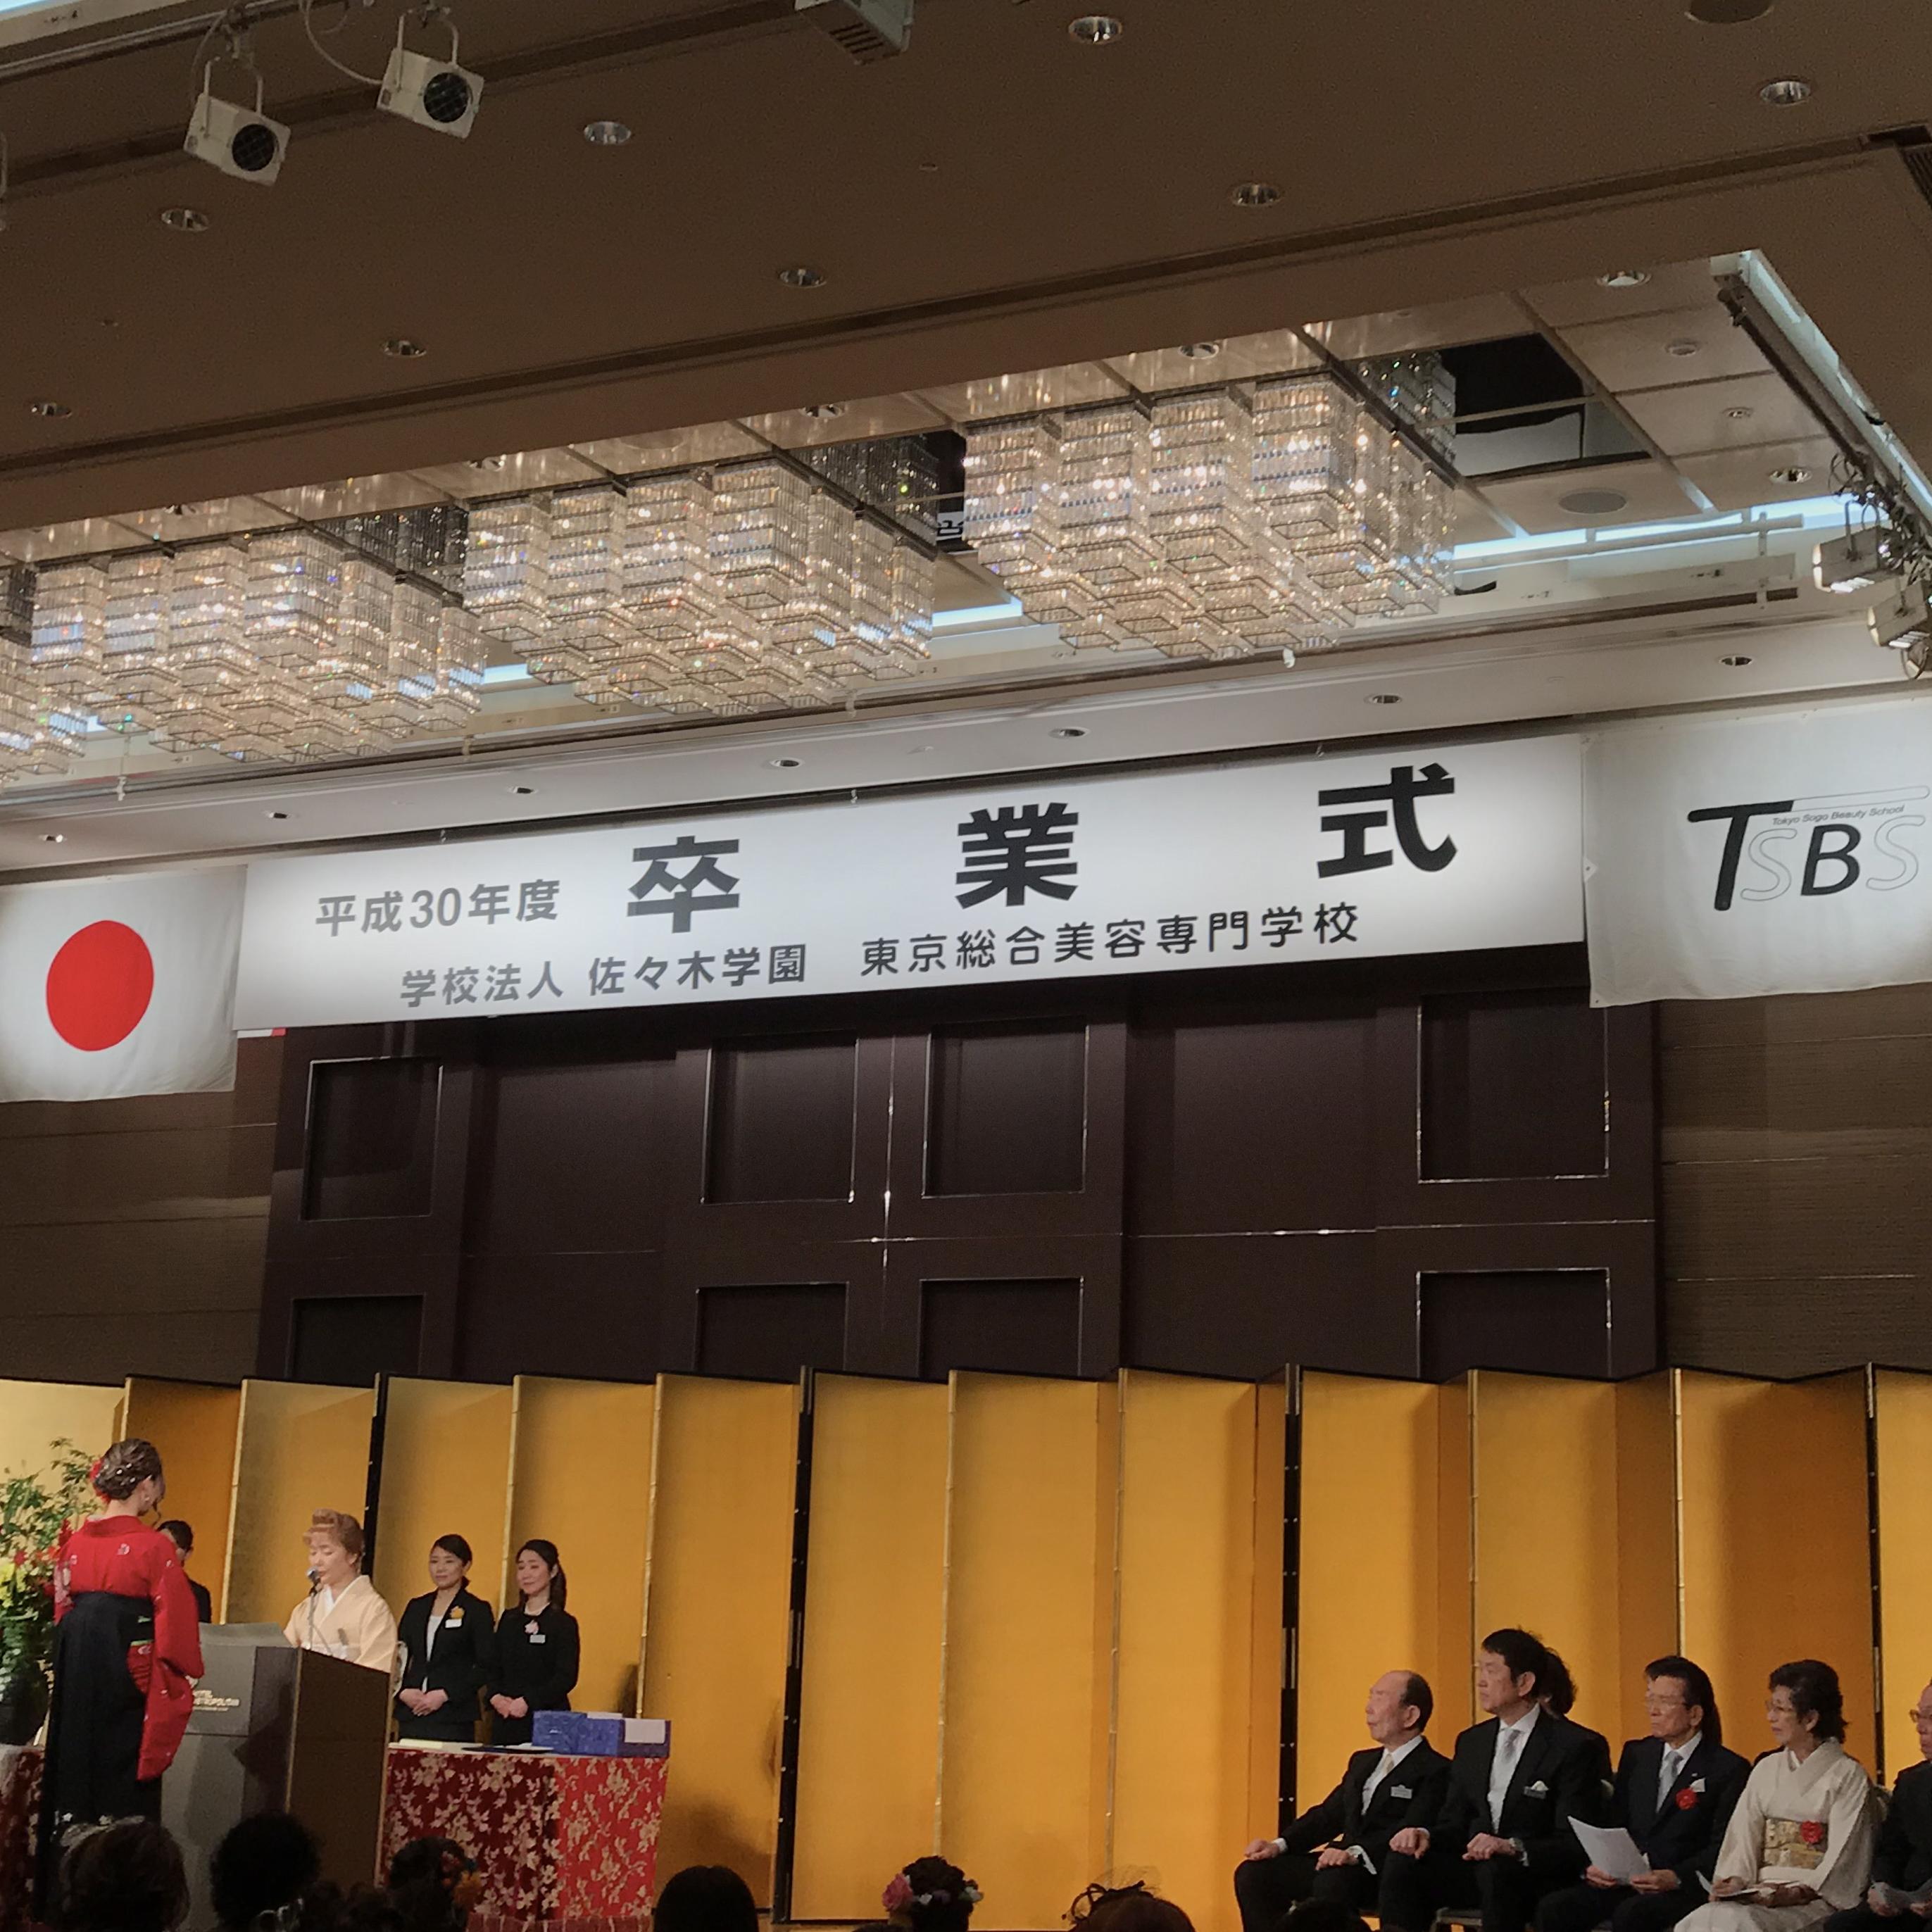 東京総合美容専門学校 平成30年度 卒業式